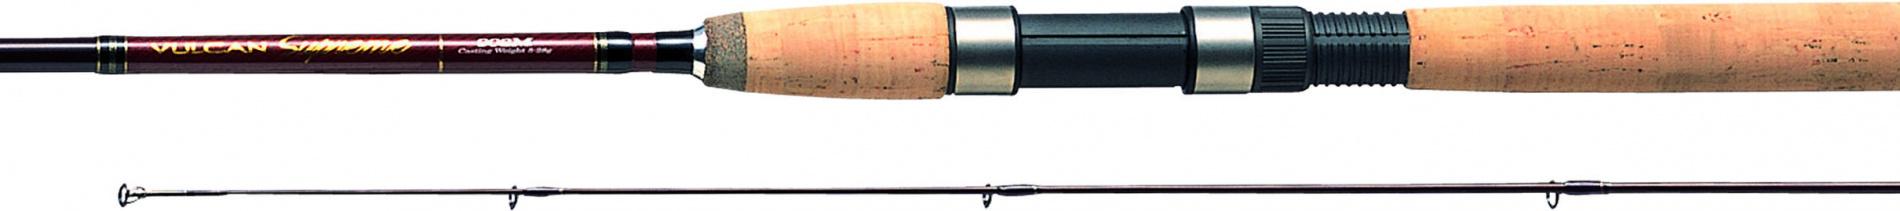 Спиннинг штек. DAIWA Vulcan Supreme 1002 HH 3,00м (15-50г)Спинниги<br>Профессиональные спиннинги, которые отвечают <br>любым требованиям рыболова . » Изготовлены <br>из высококачественного углепластика » <br>Быстрый строй » Широкий выбор из 14 моделей <br>(от 7 до 10 футов) » Высококачественный катушкодержатель <br>Fuji » Высококачественная пробковая рукоятка<br>